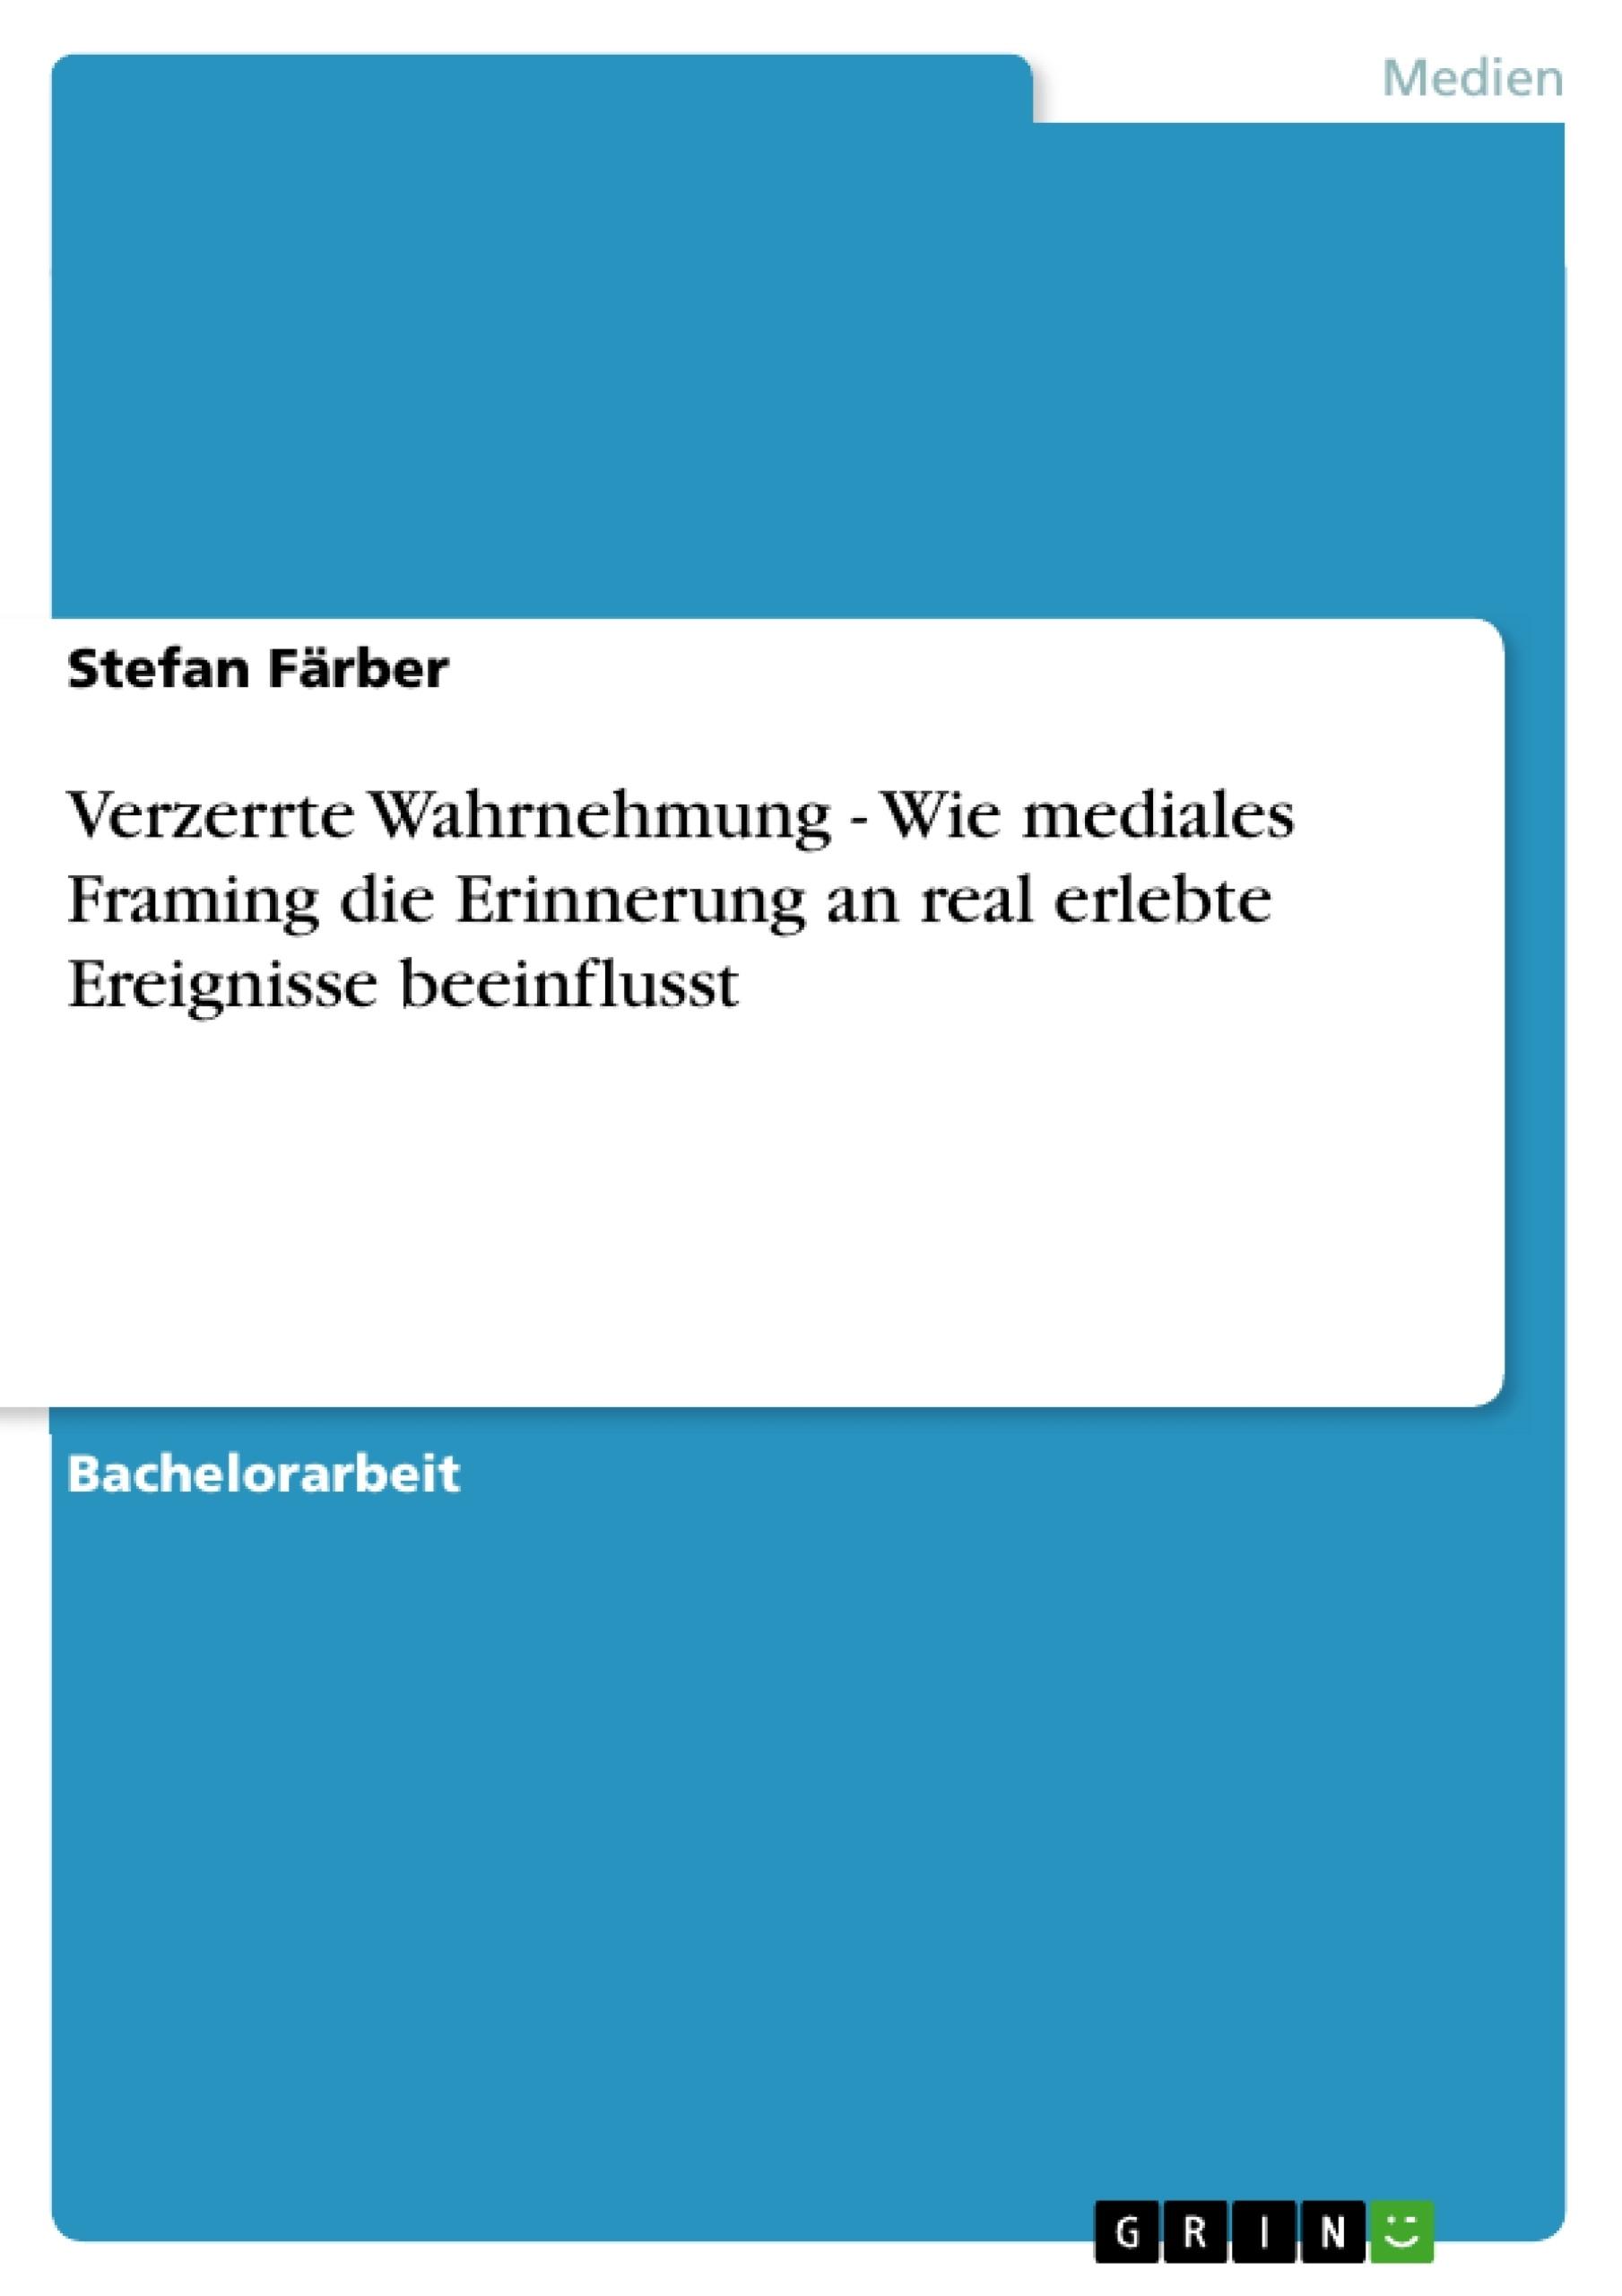 Verzerrte Wahrnehmung - Wie mediales Framing die Erinnerung an ...